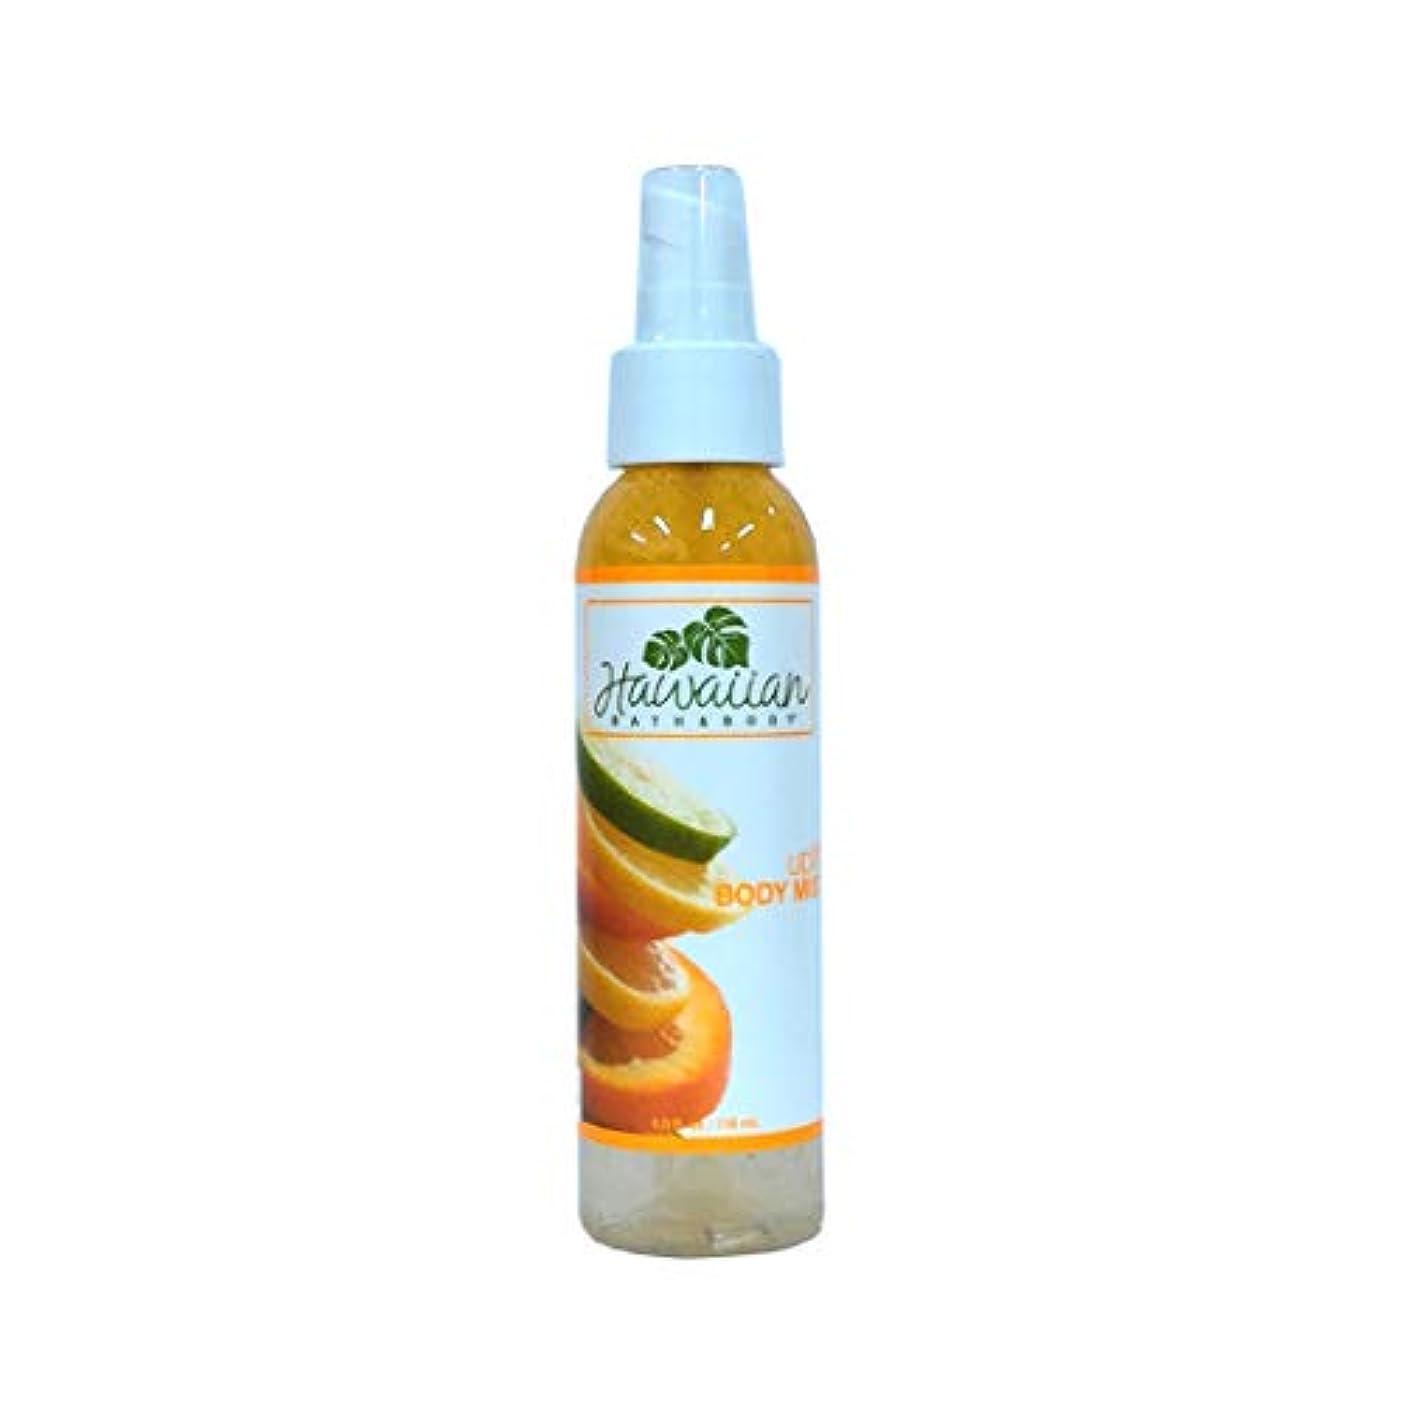 グリット食料品店面ハワイアンバス&ボディ アップリフト?アロマセラピー?ボディミスト118ml (Aromatherapy Body Mist)